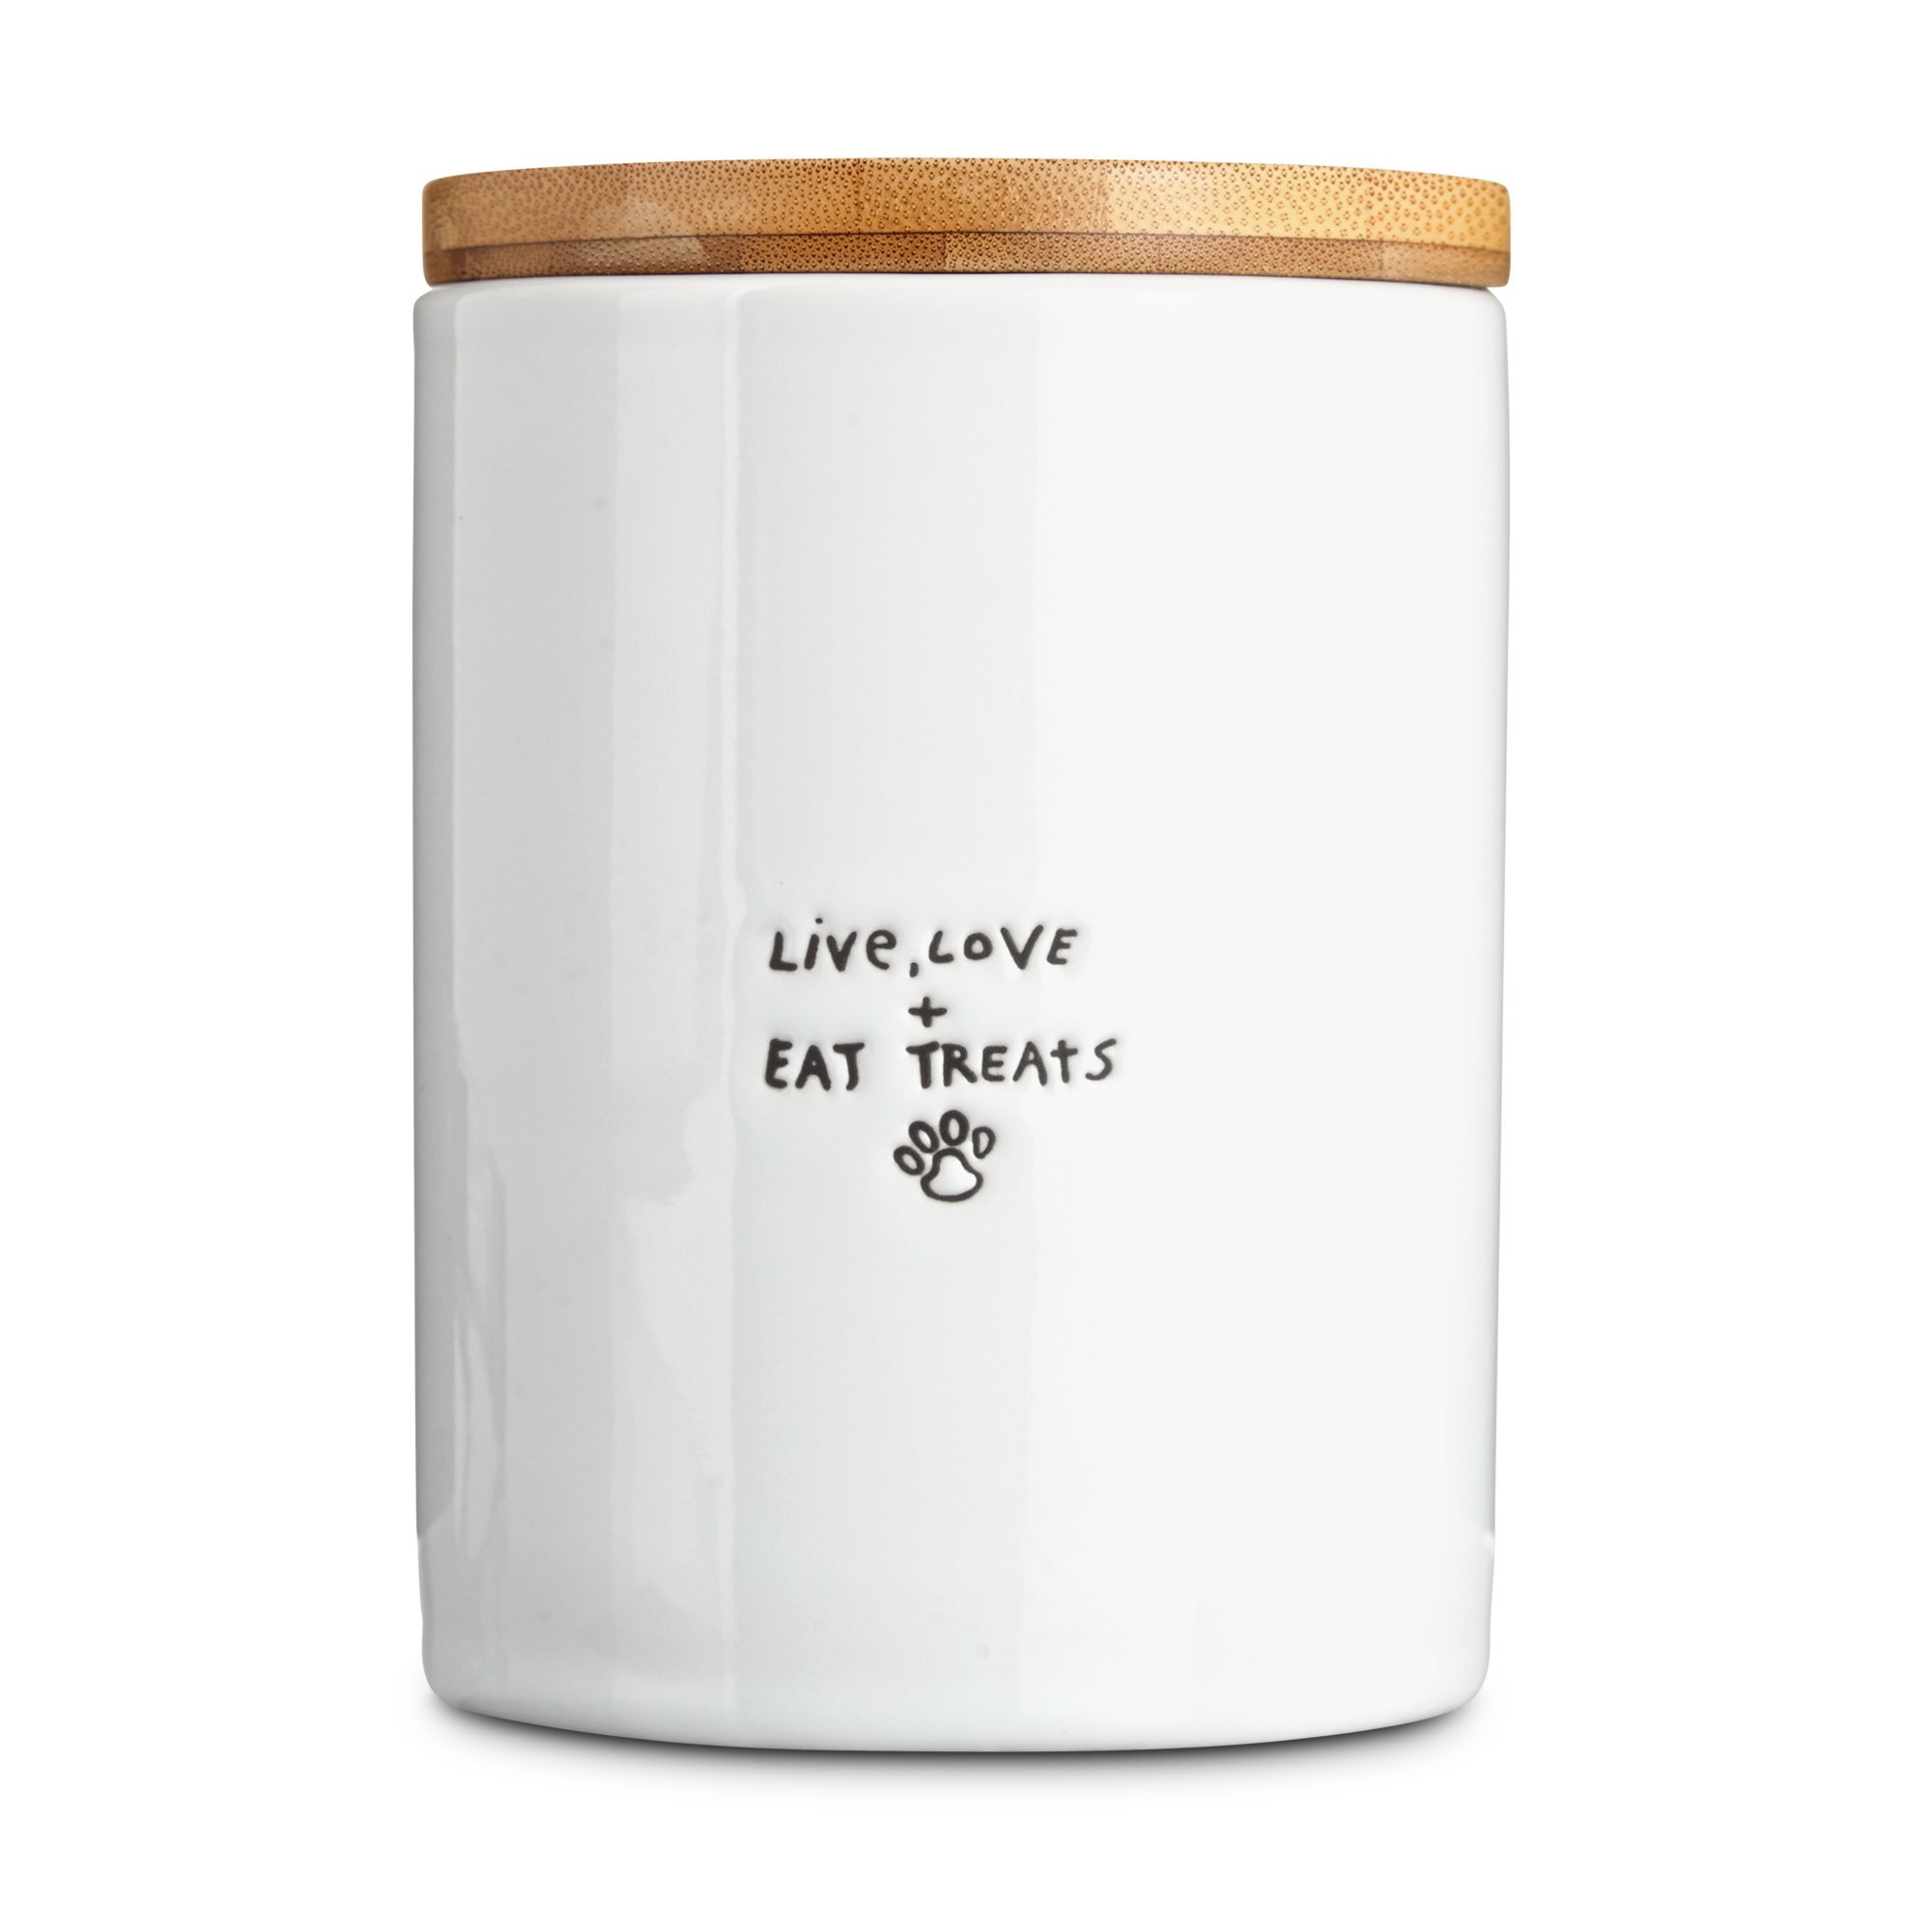 Harmony ''Live, Love & Eat Treats'' Ceramic Dog Treat Jar, Small, White / Natural Wood